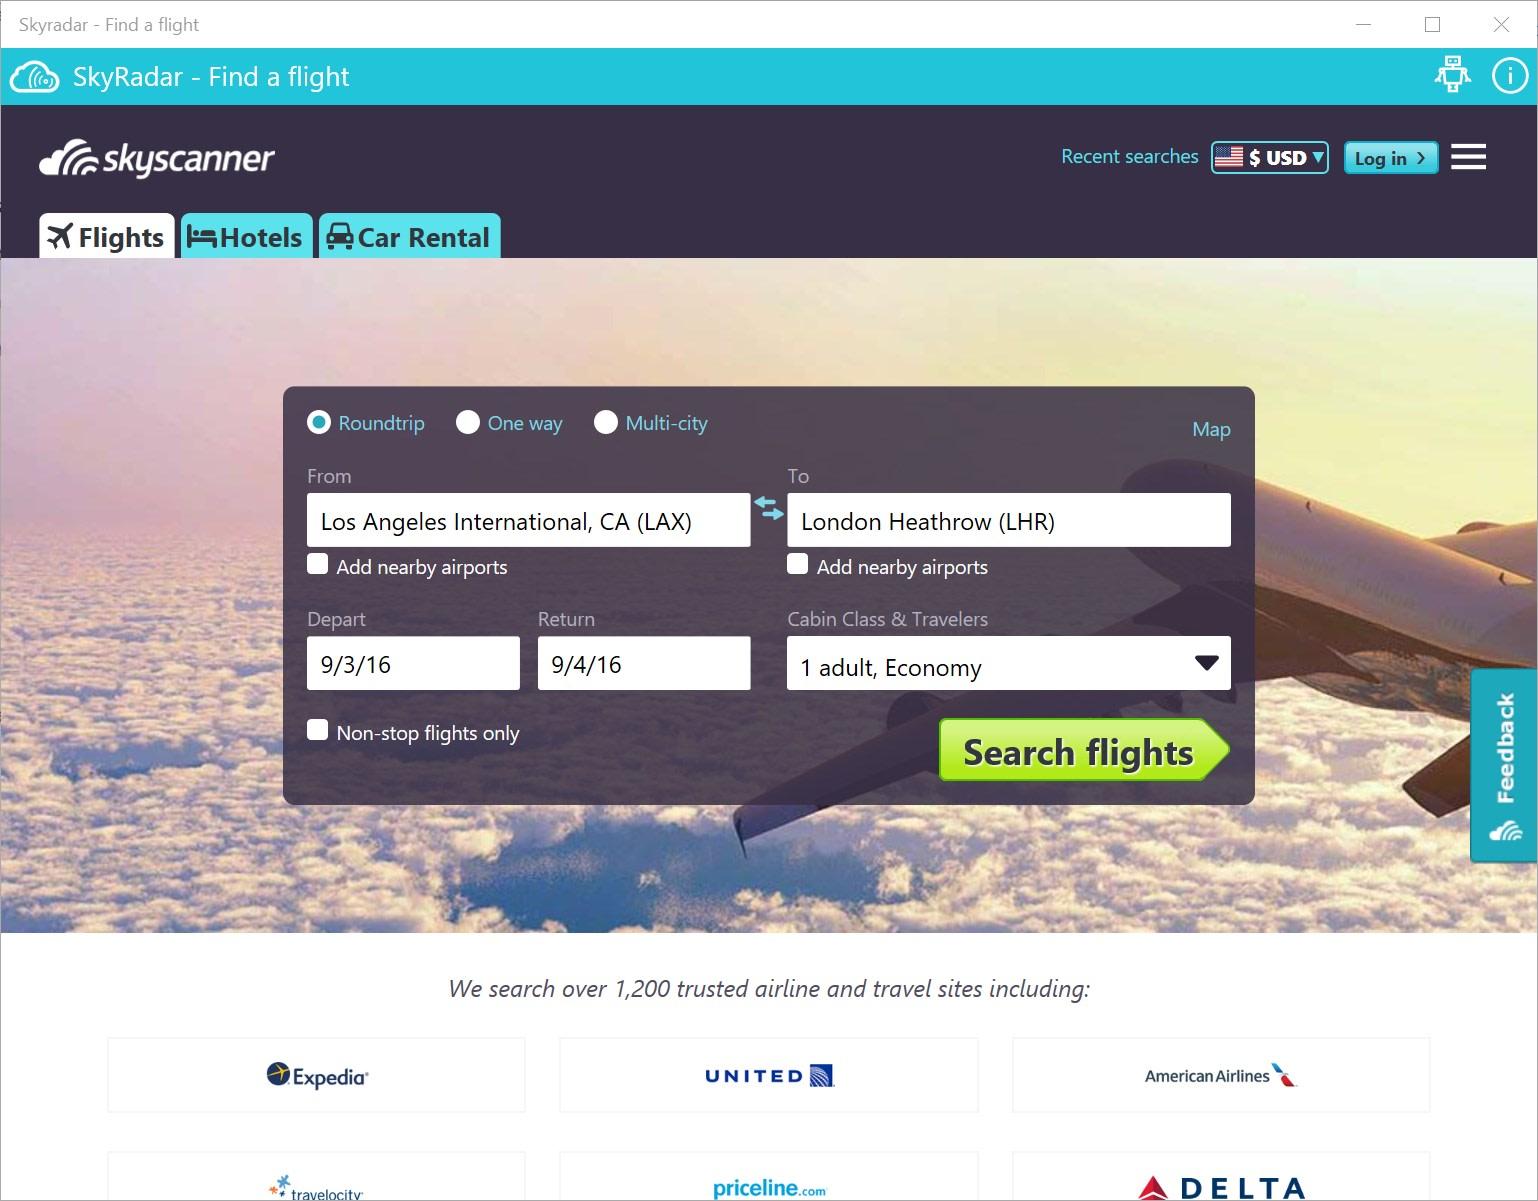 Skyradar - Find a flight